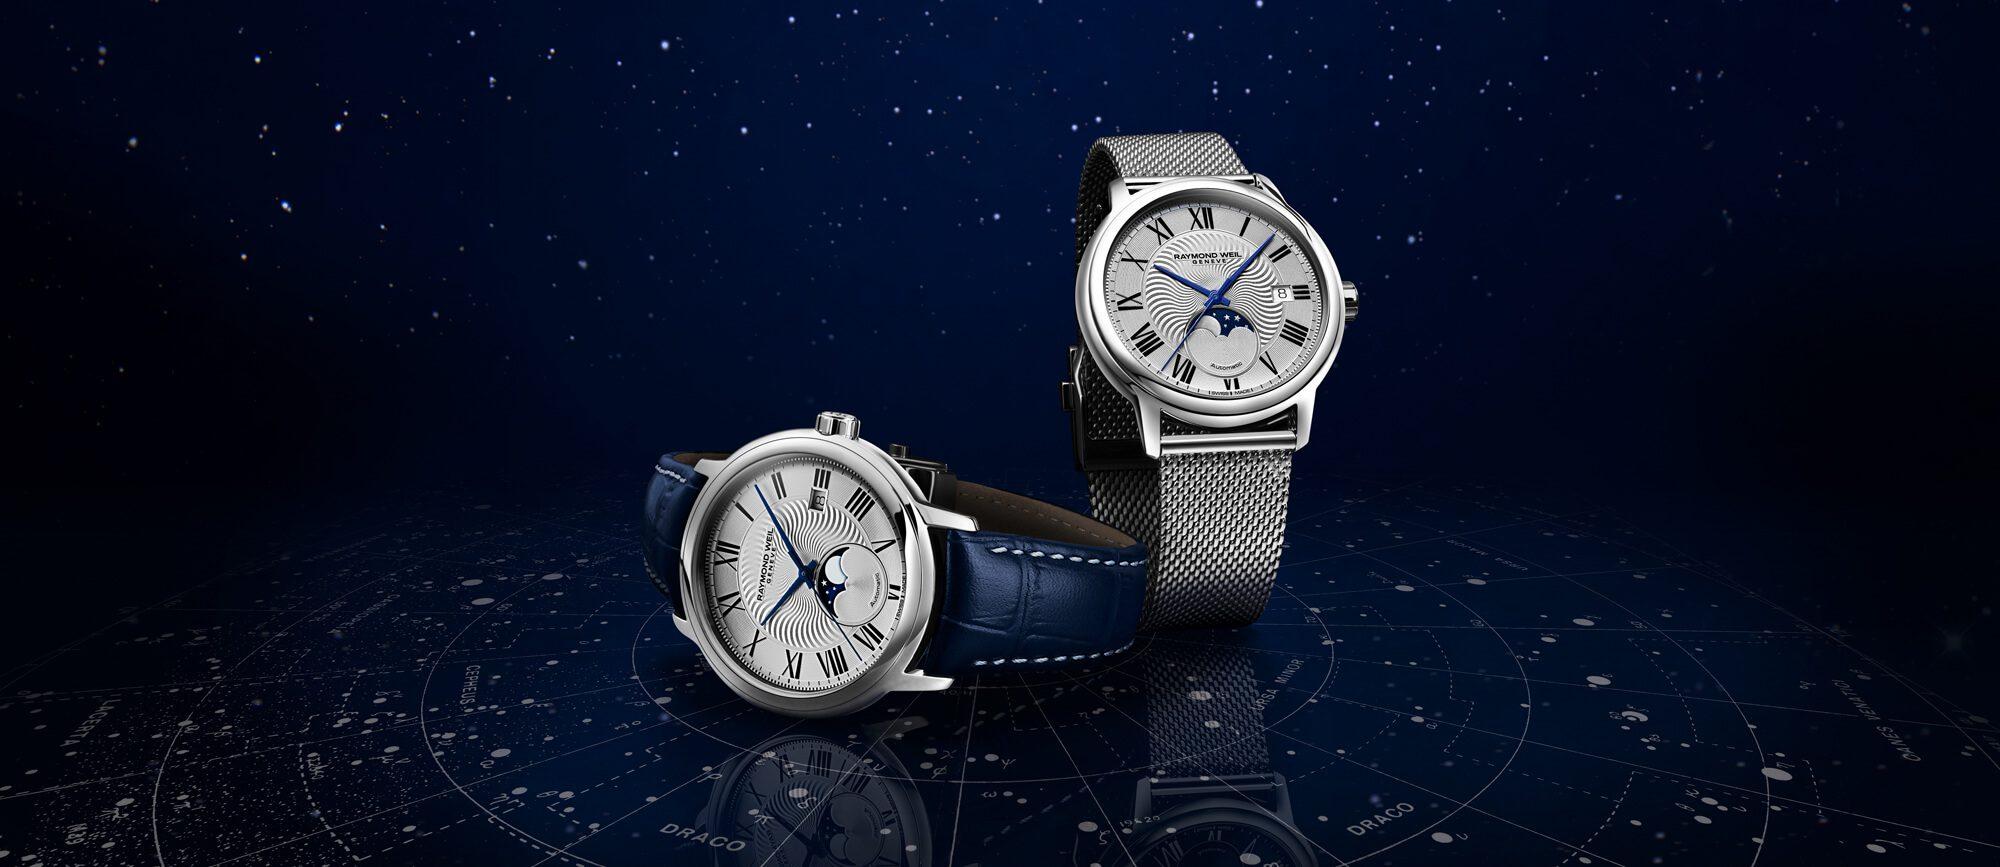 ساعة مايسترو بخاصية طور القمر، ولها سوار شبكي فضي من ريموند ويل